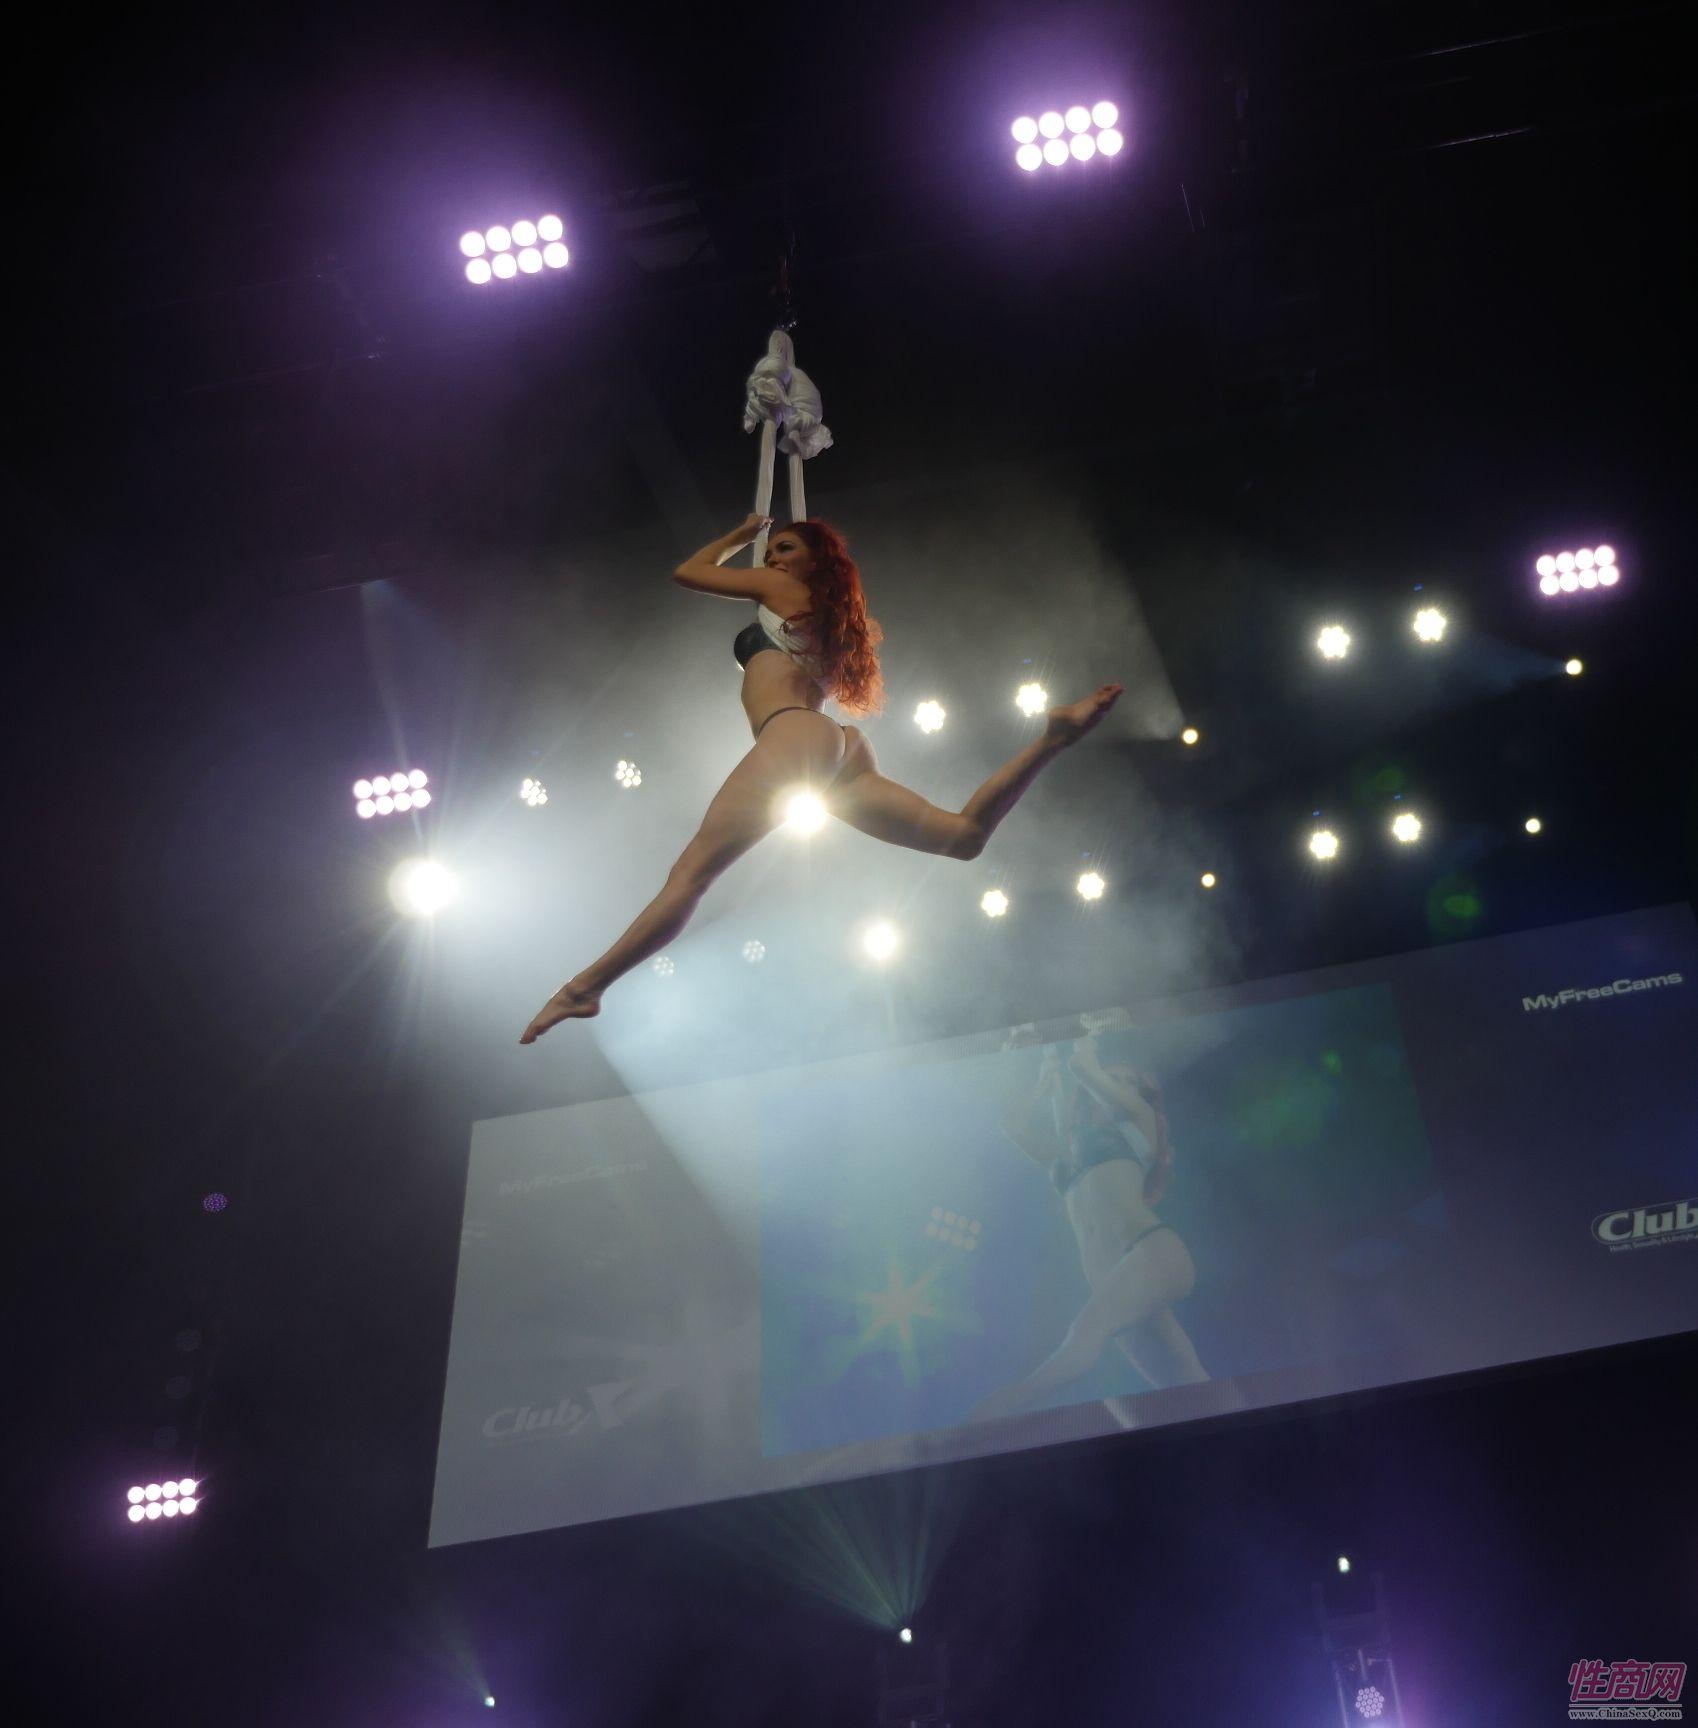 女舞者随着音乐慢慢升入高空